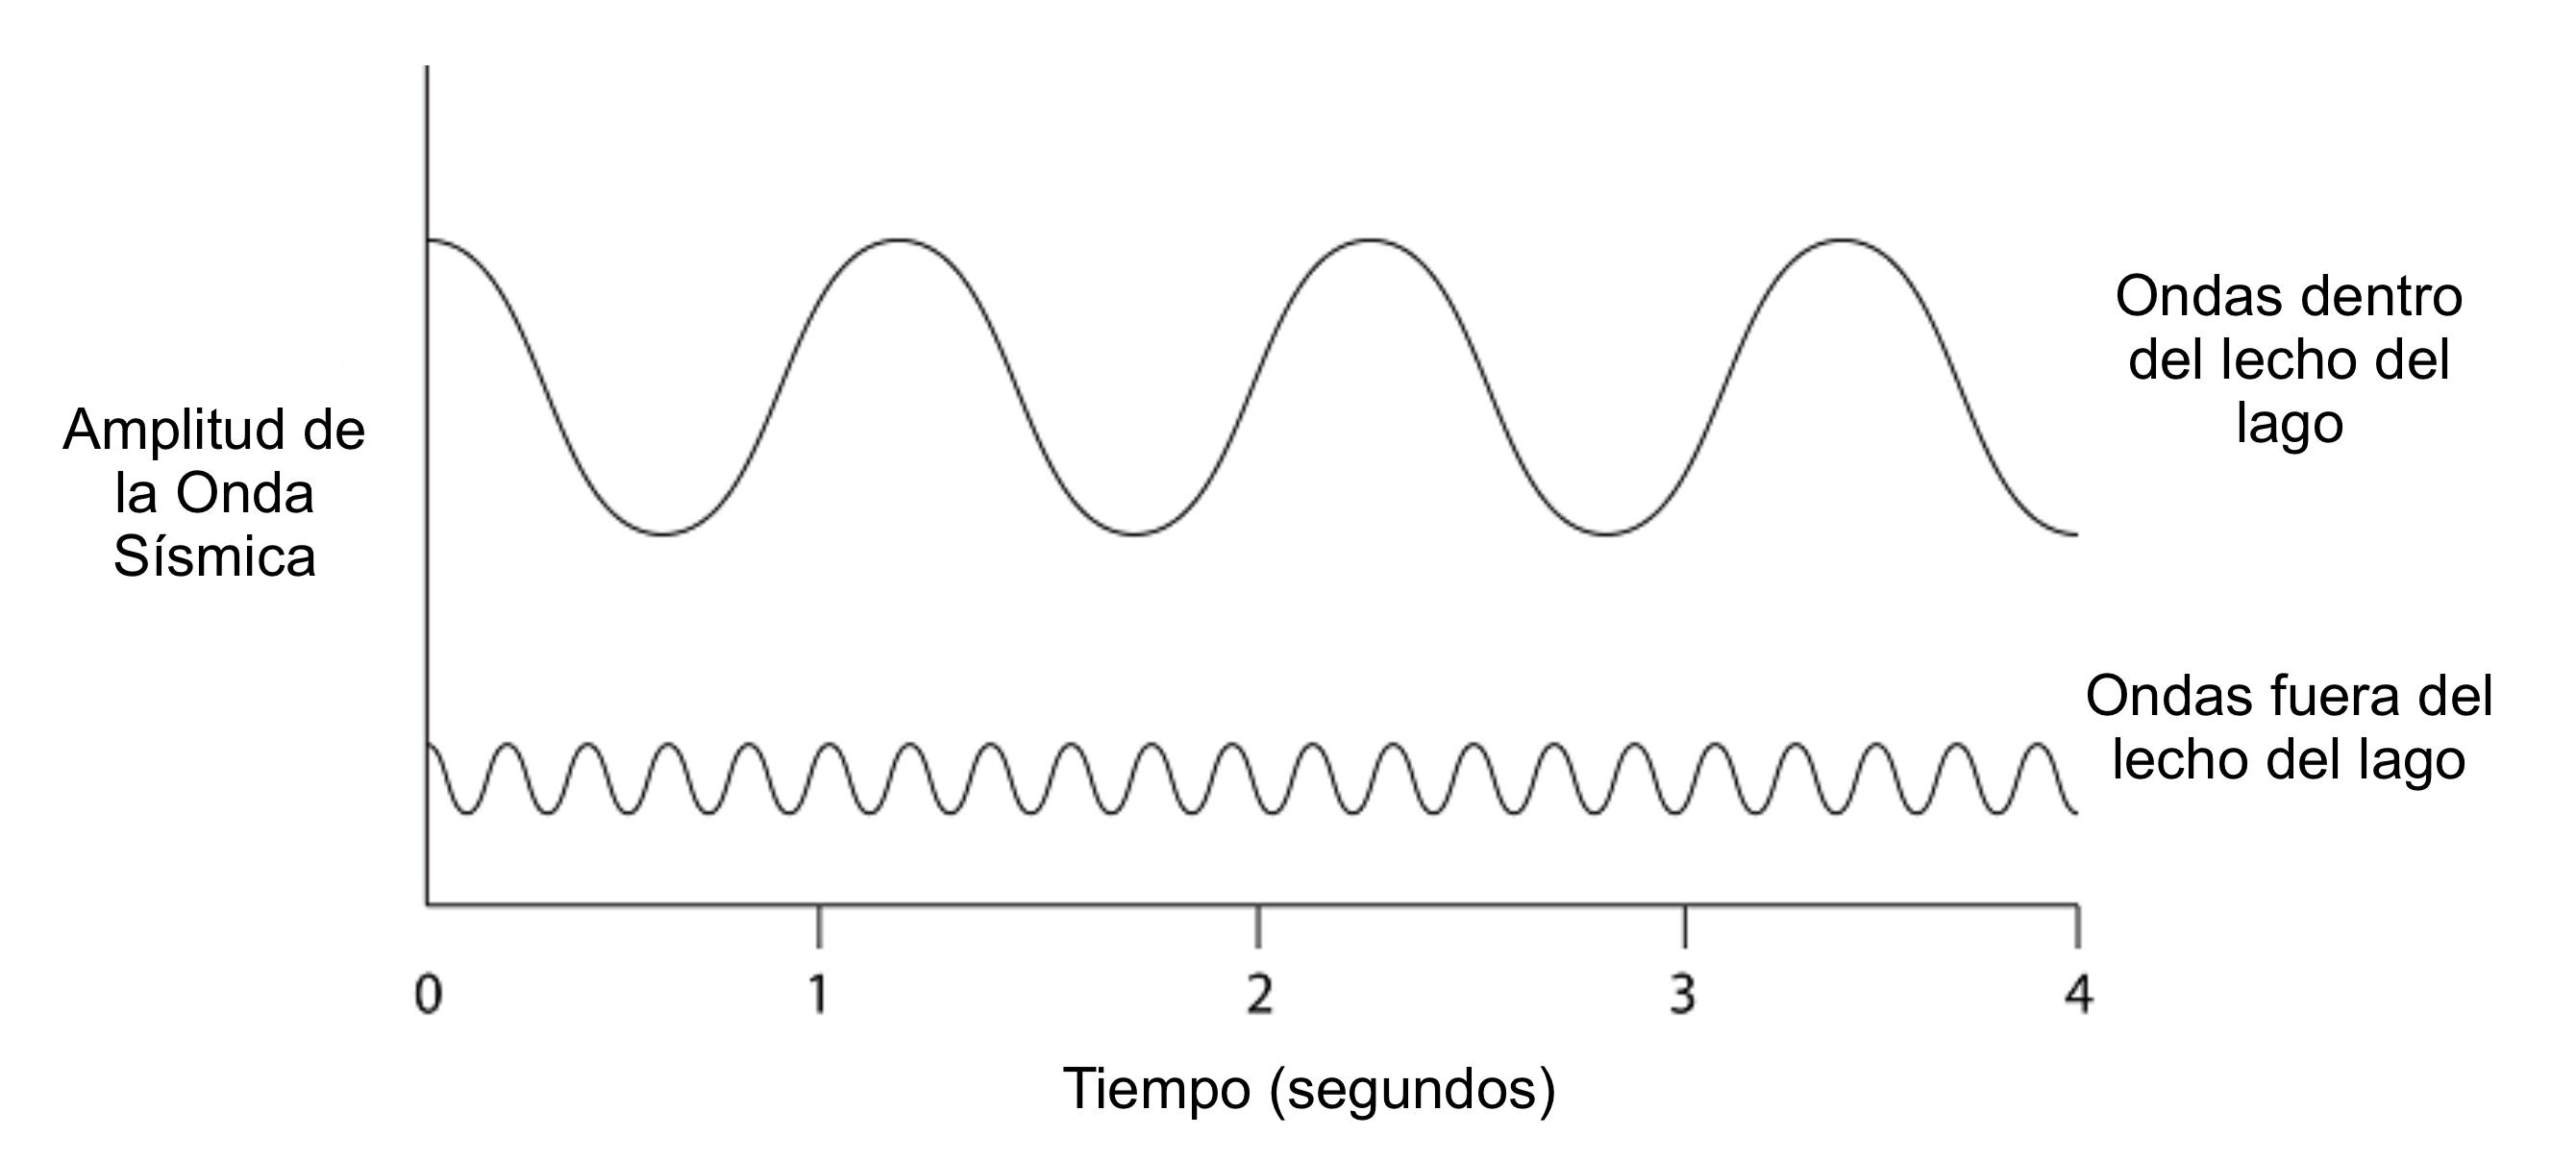 Esta es una representación idealizada, tomando sólo en consideración la frecuencia de onda dominante.